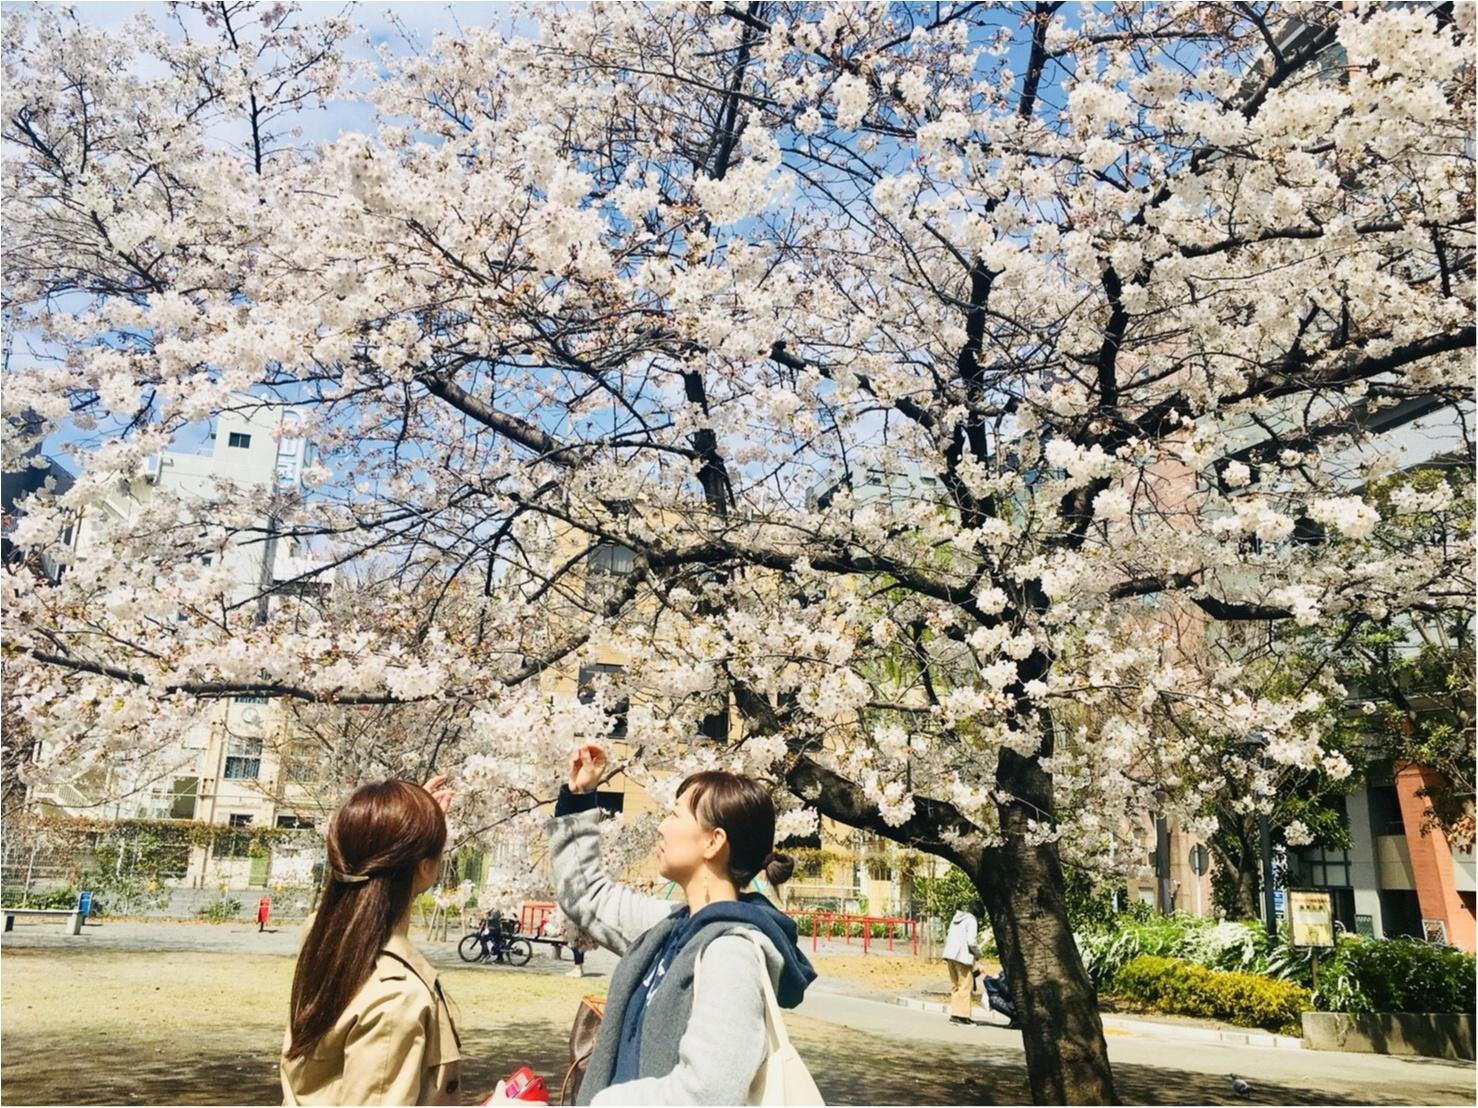 【お花見速報】東京は今週が見頃!?な桜事情_4